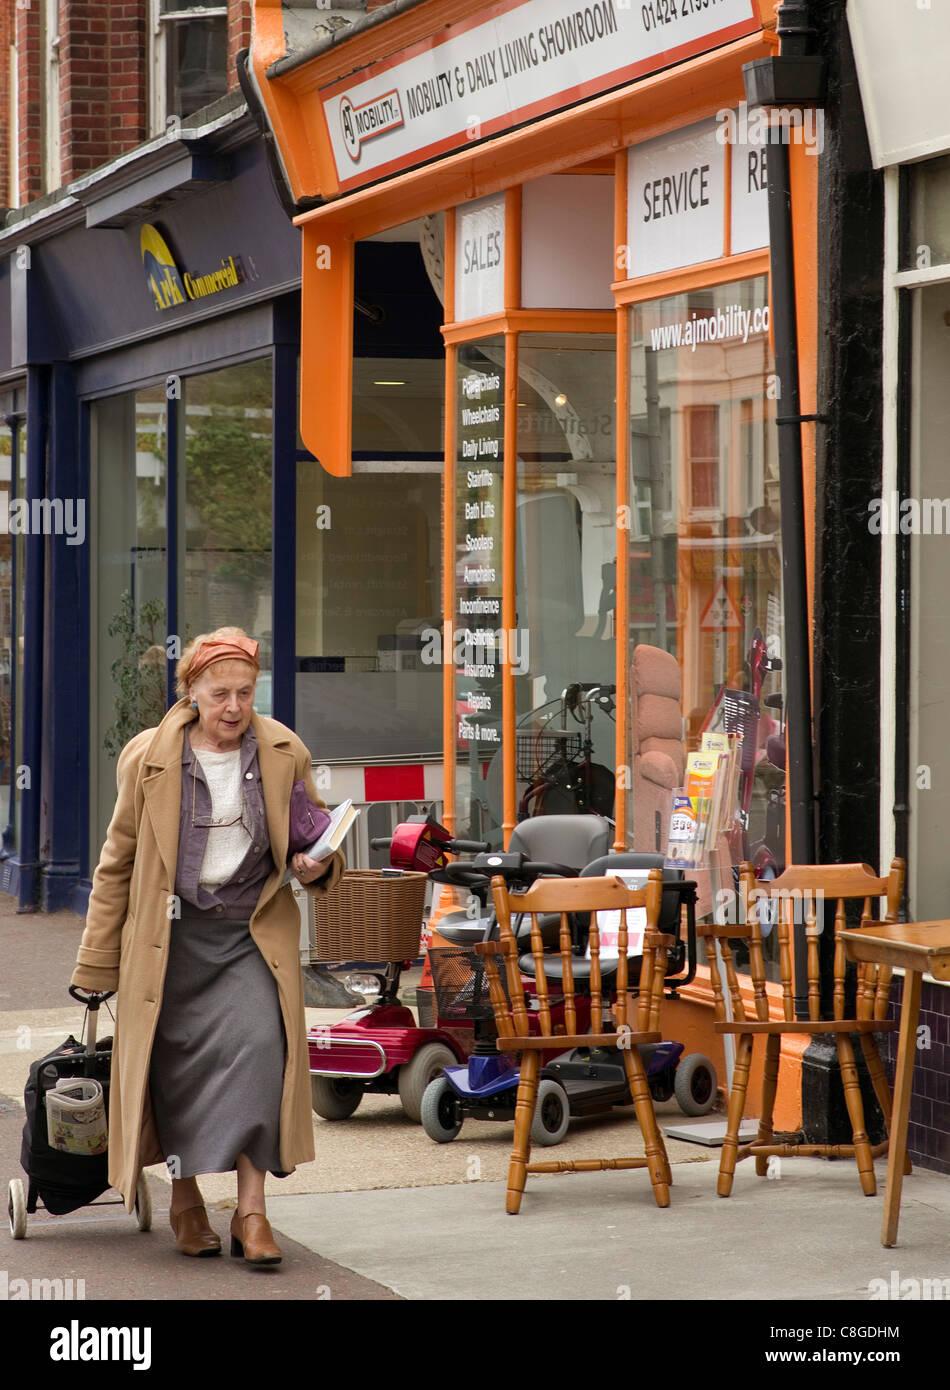 Donna anziana camminare davanti a un piccolo negozio che vende la mobilità scooter e attrezzature utili per Immagini Stock